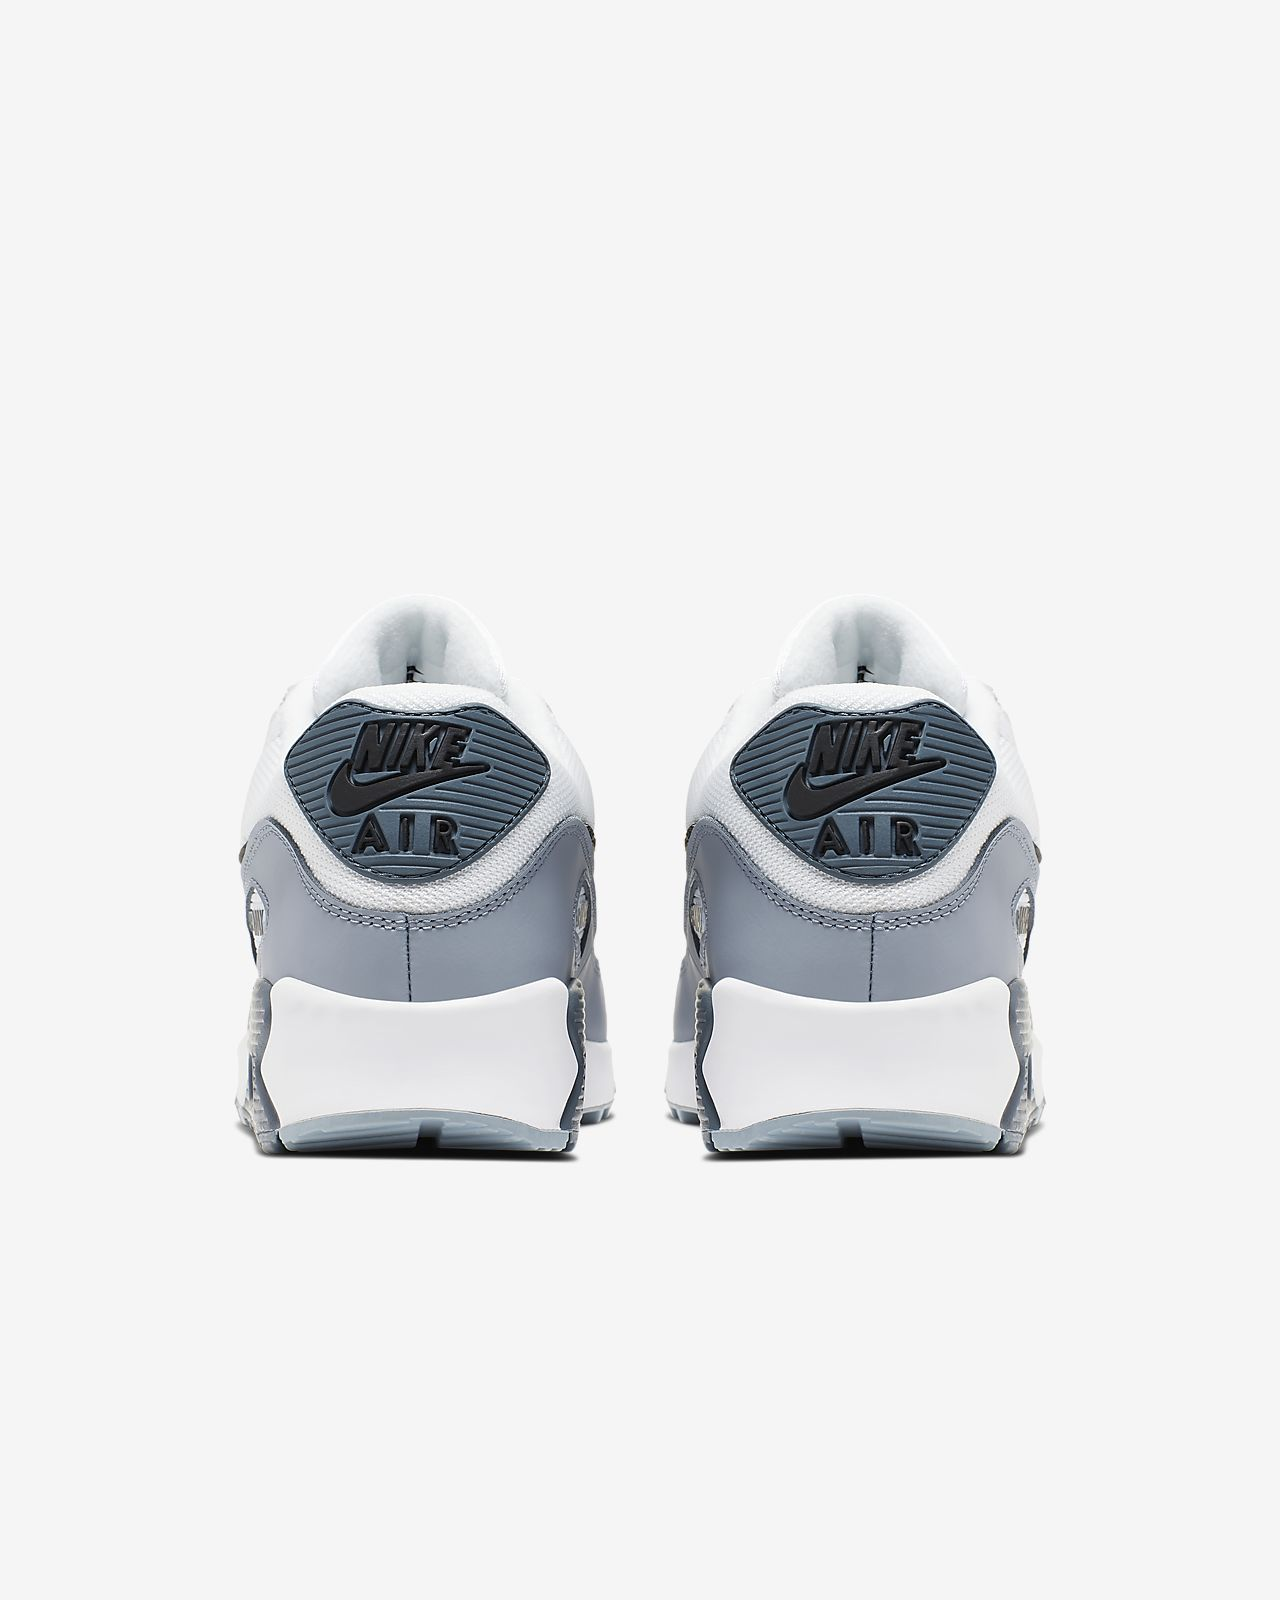 5eb0786f Nike Air Max 90 Essential Men's Shoe. Nike.com GB